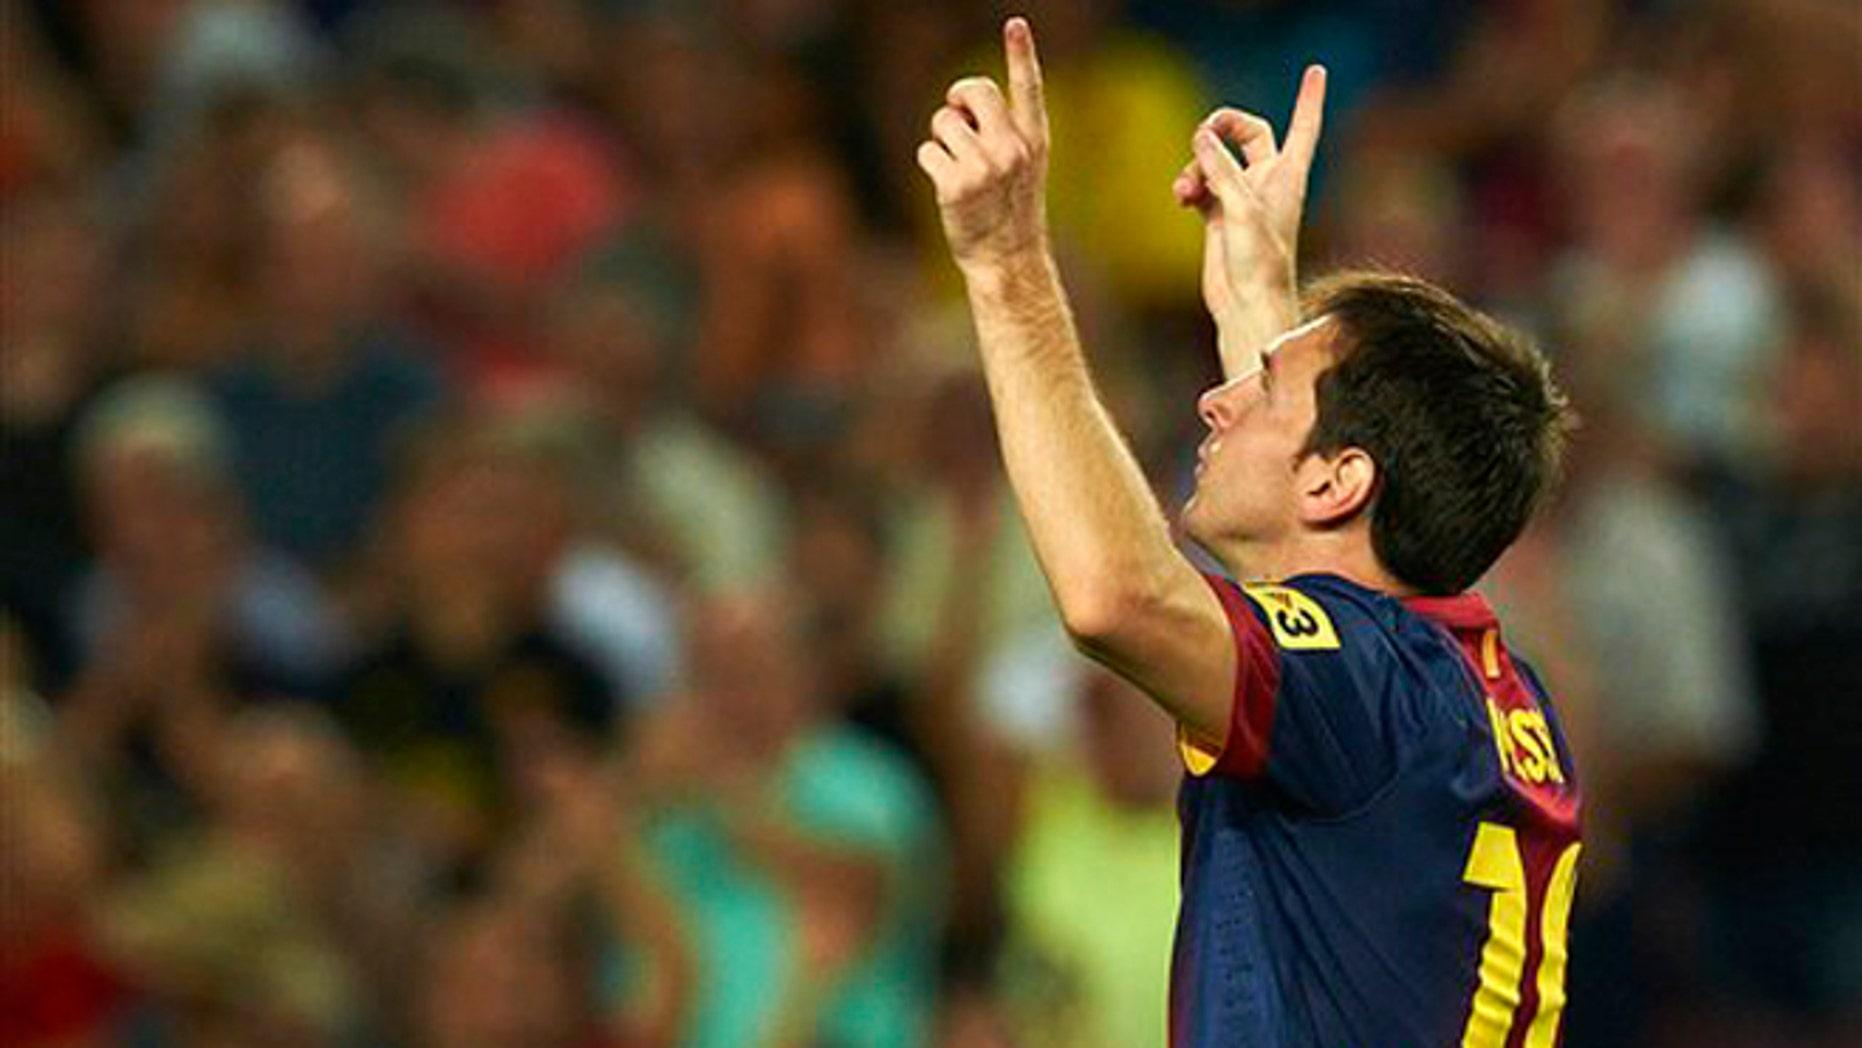 Lionel Messi tras marcar un gol para el Barcelona en el partido ante la Real Sociedad en la liga española el domingo 19 de agosto de 2012. (AP Foto/Siu Wu)